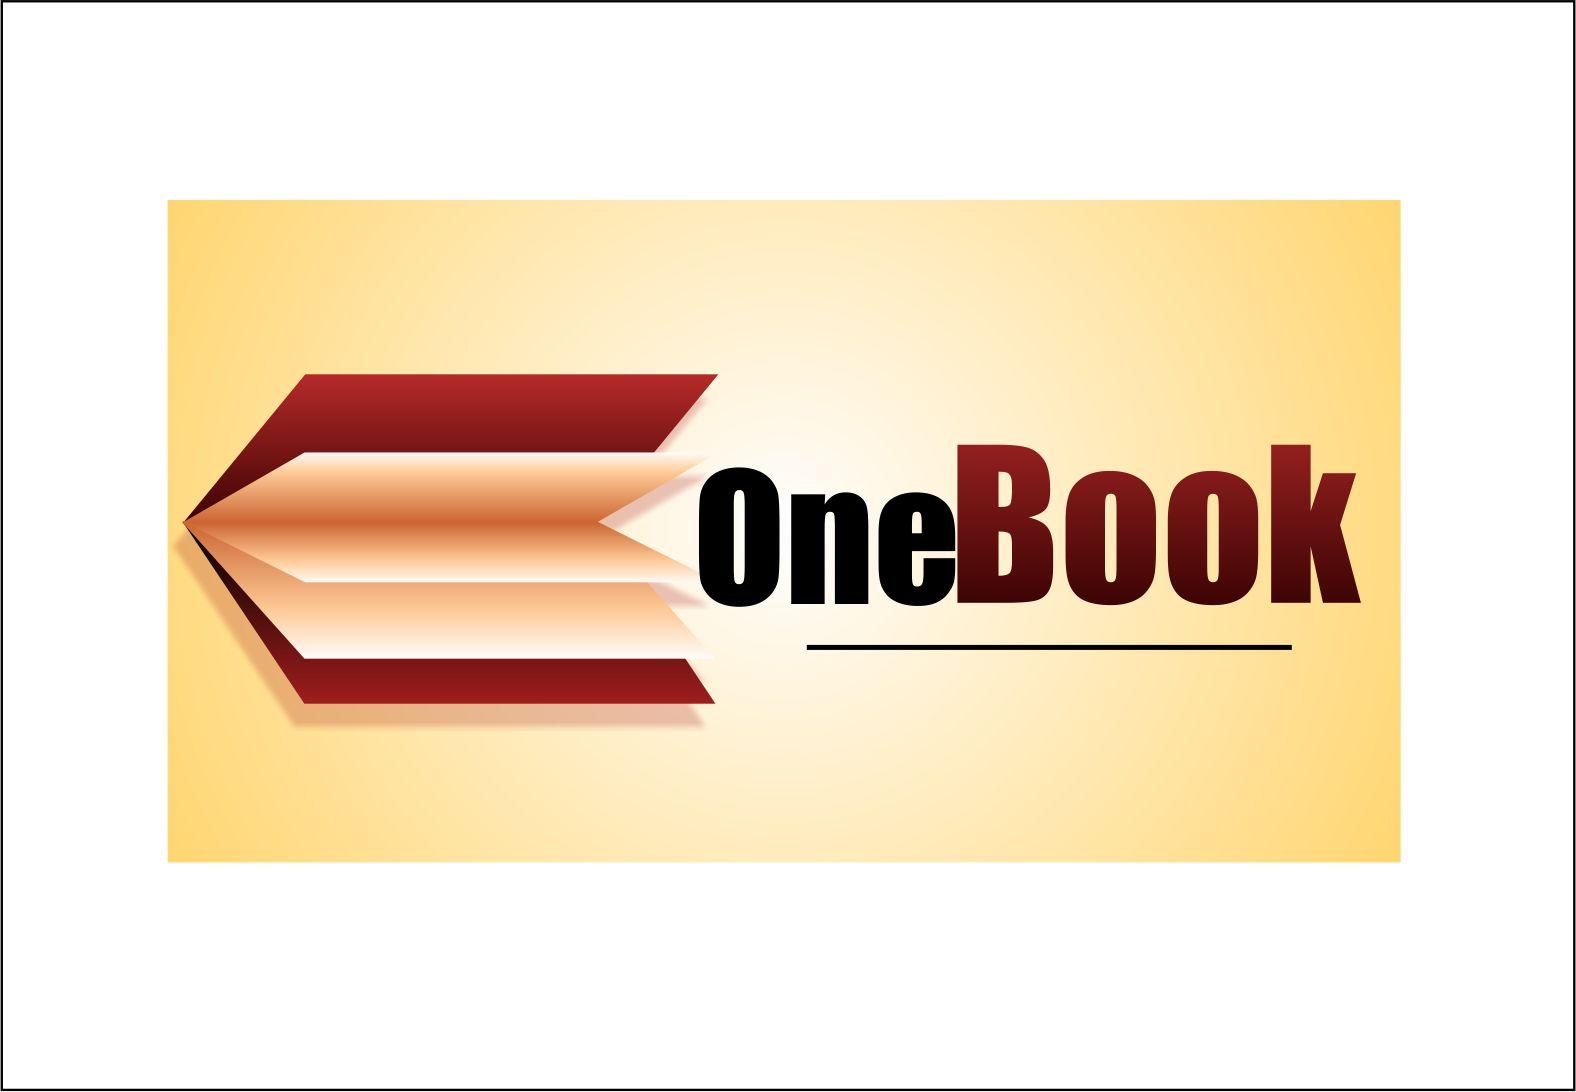 Логотип для цифровой книжной типографии. фото f_4cbeebe7c1df5.jpg